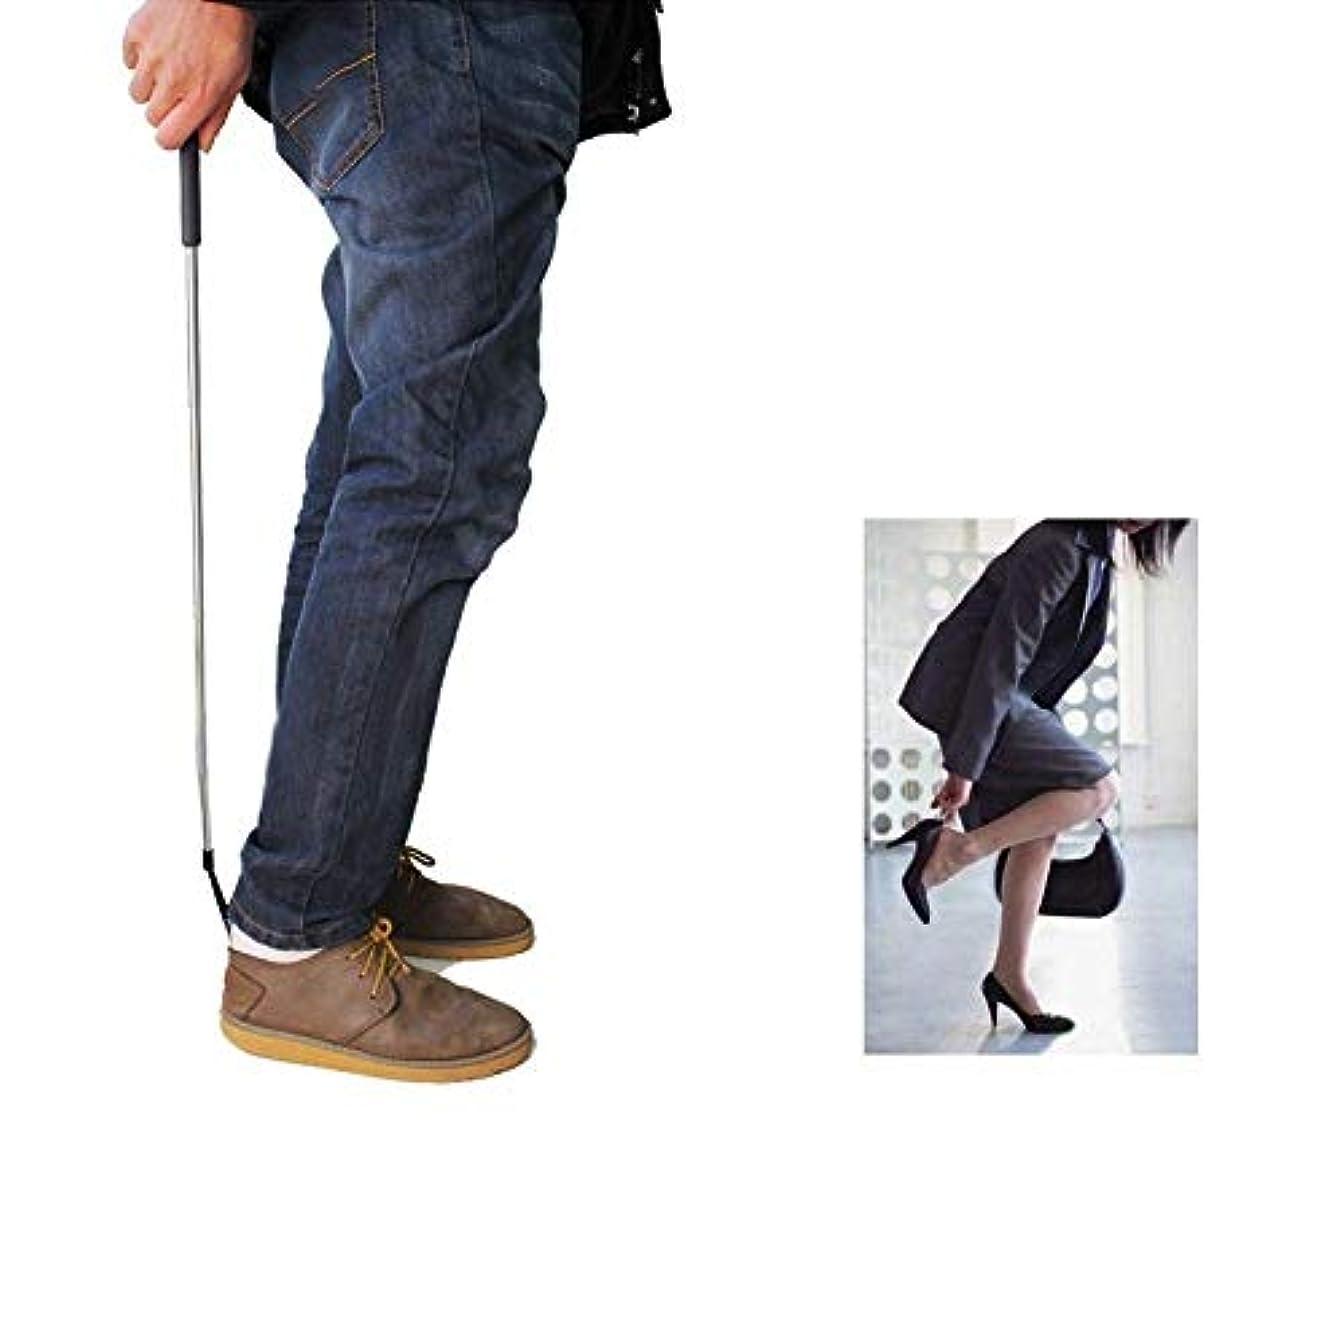 軽減する湿地バランスのとれたPichidr-JP 靴べら シューホーン くつべら 靴 長ヘラ 携帯 伸縮自在 シューケア ロング 軽量 高齢者 靴の角拡張可能&折りたたみ 男性女性靴